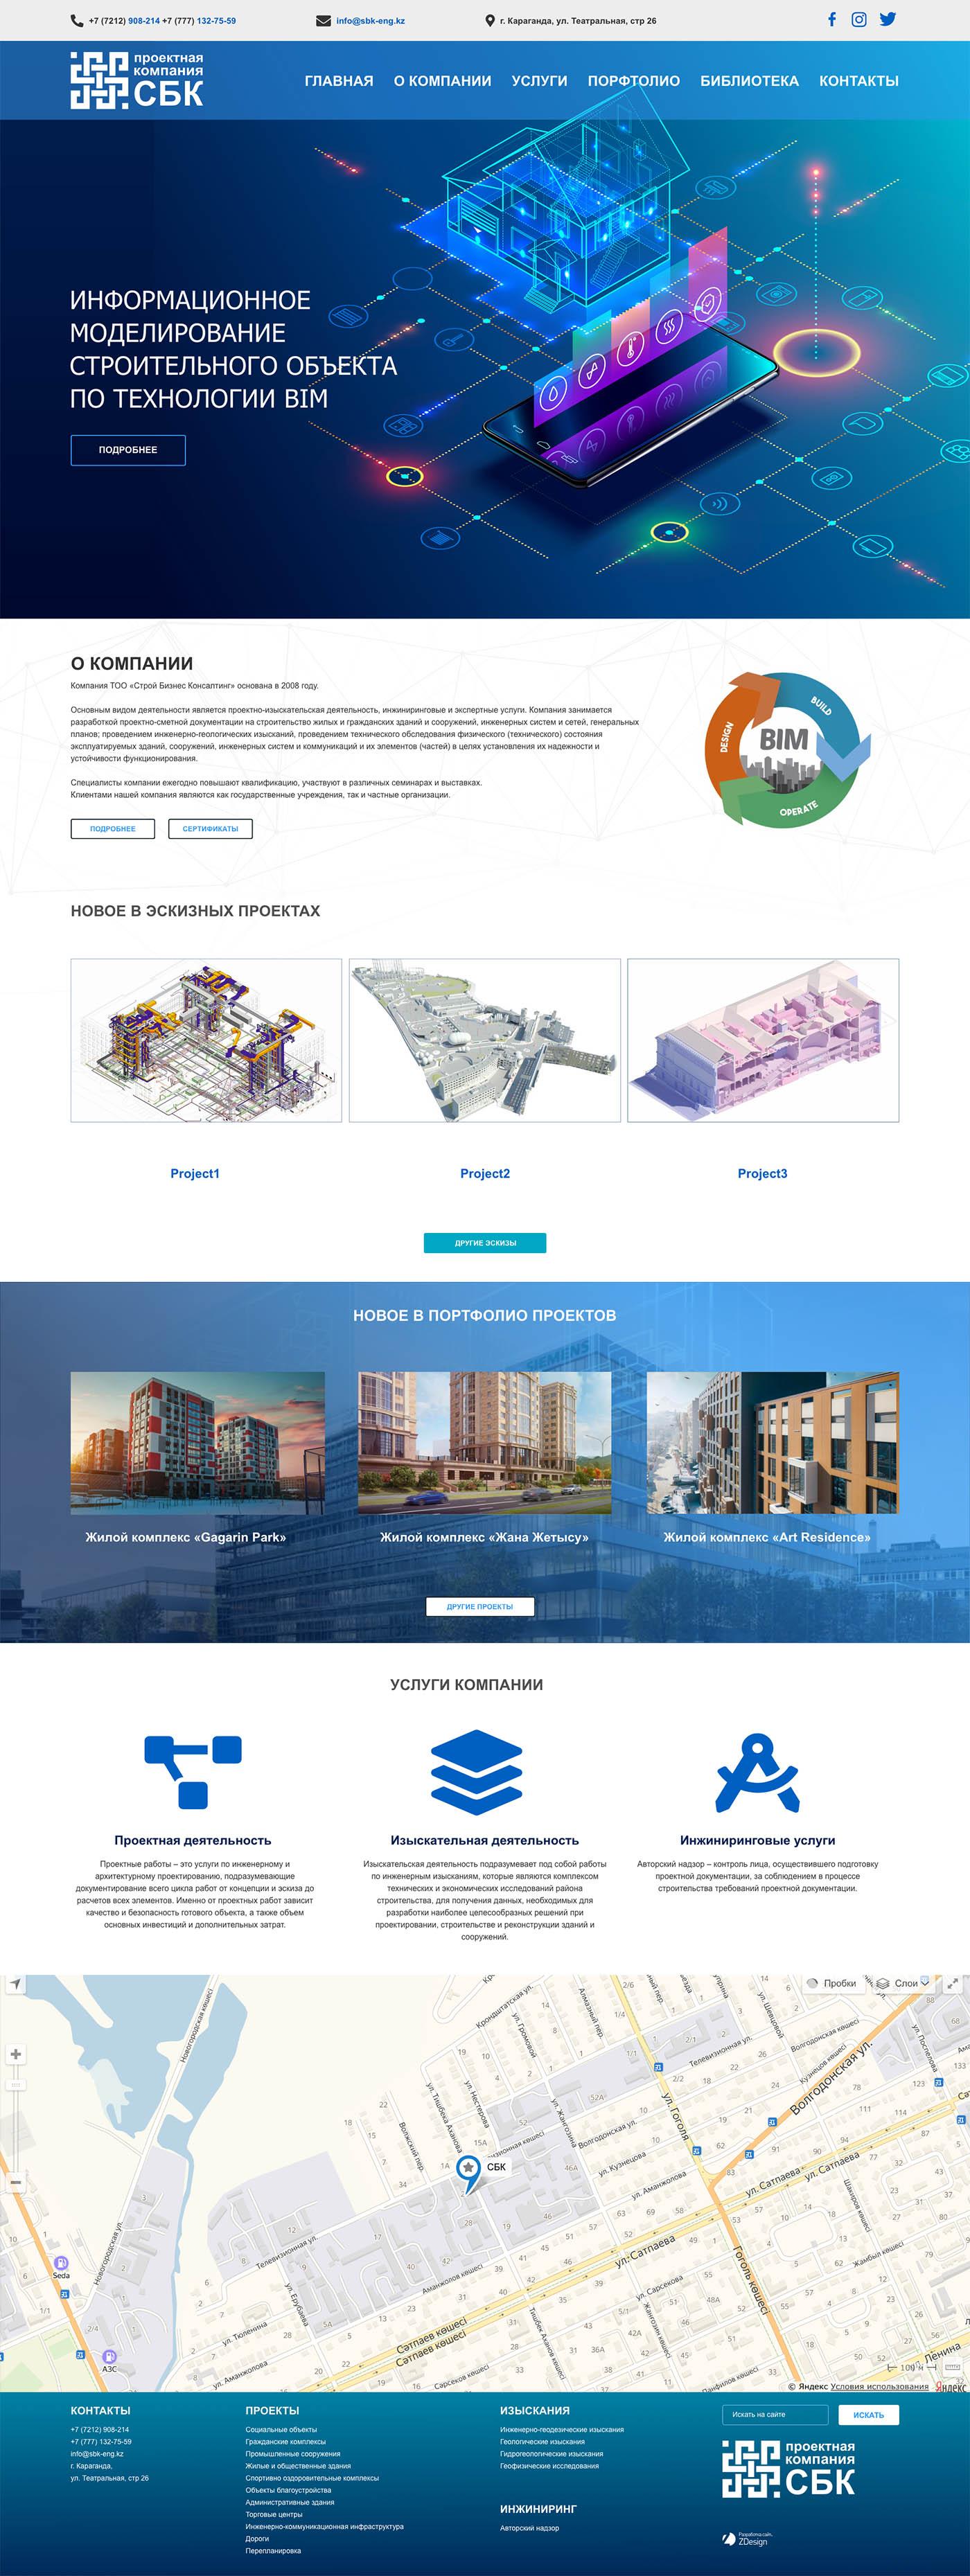 Создание макета и разработка сайта проектной компании в Караганде